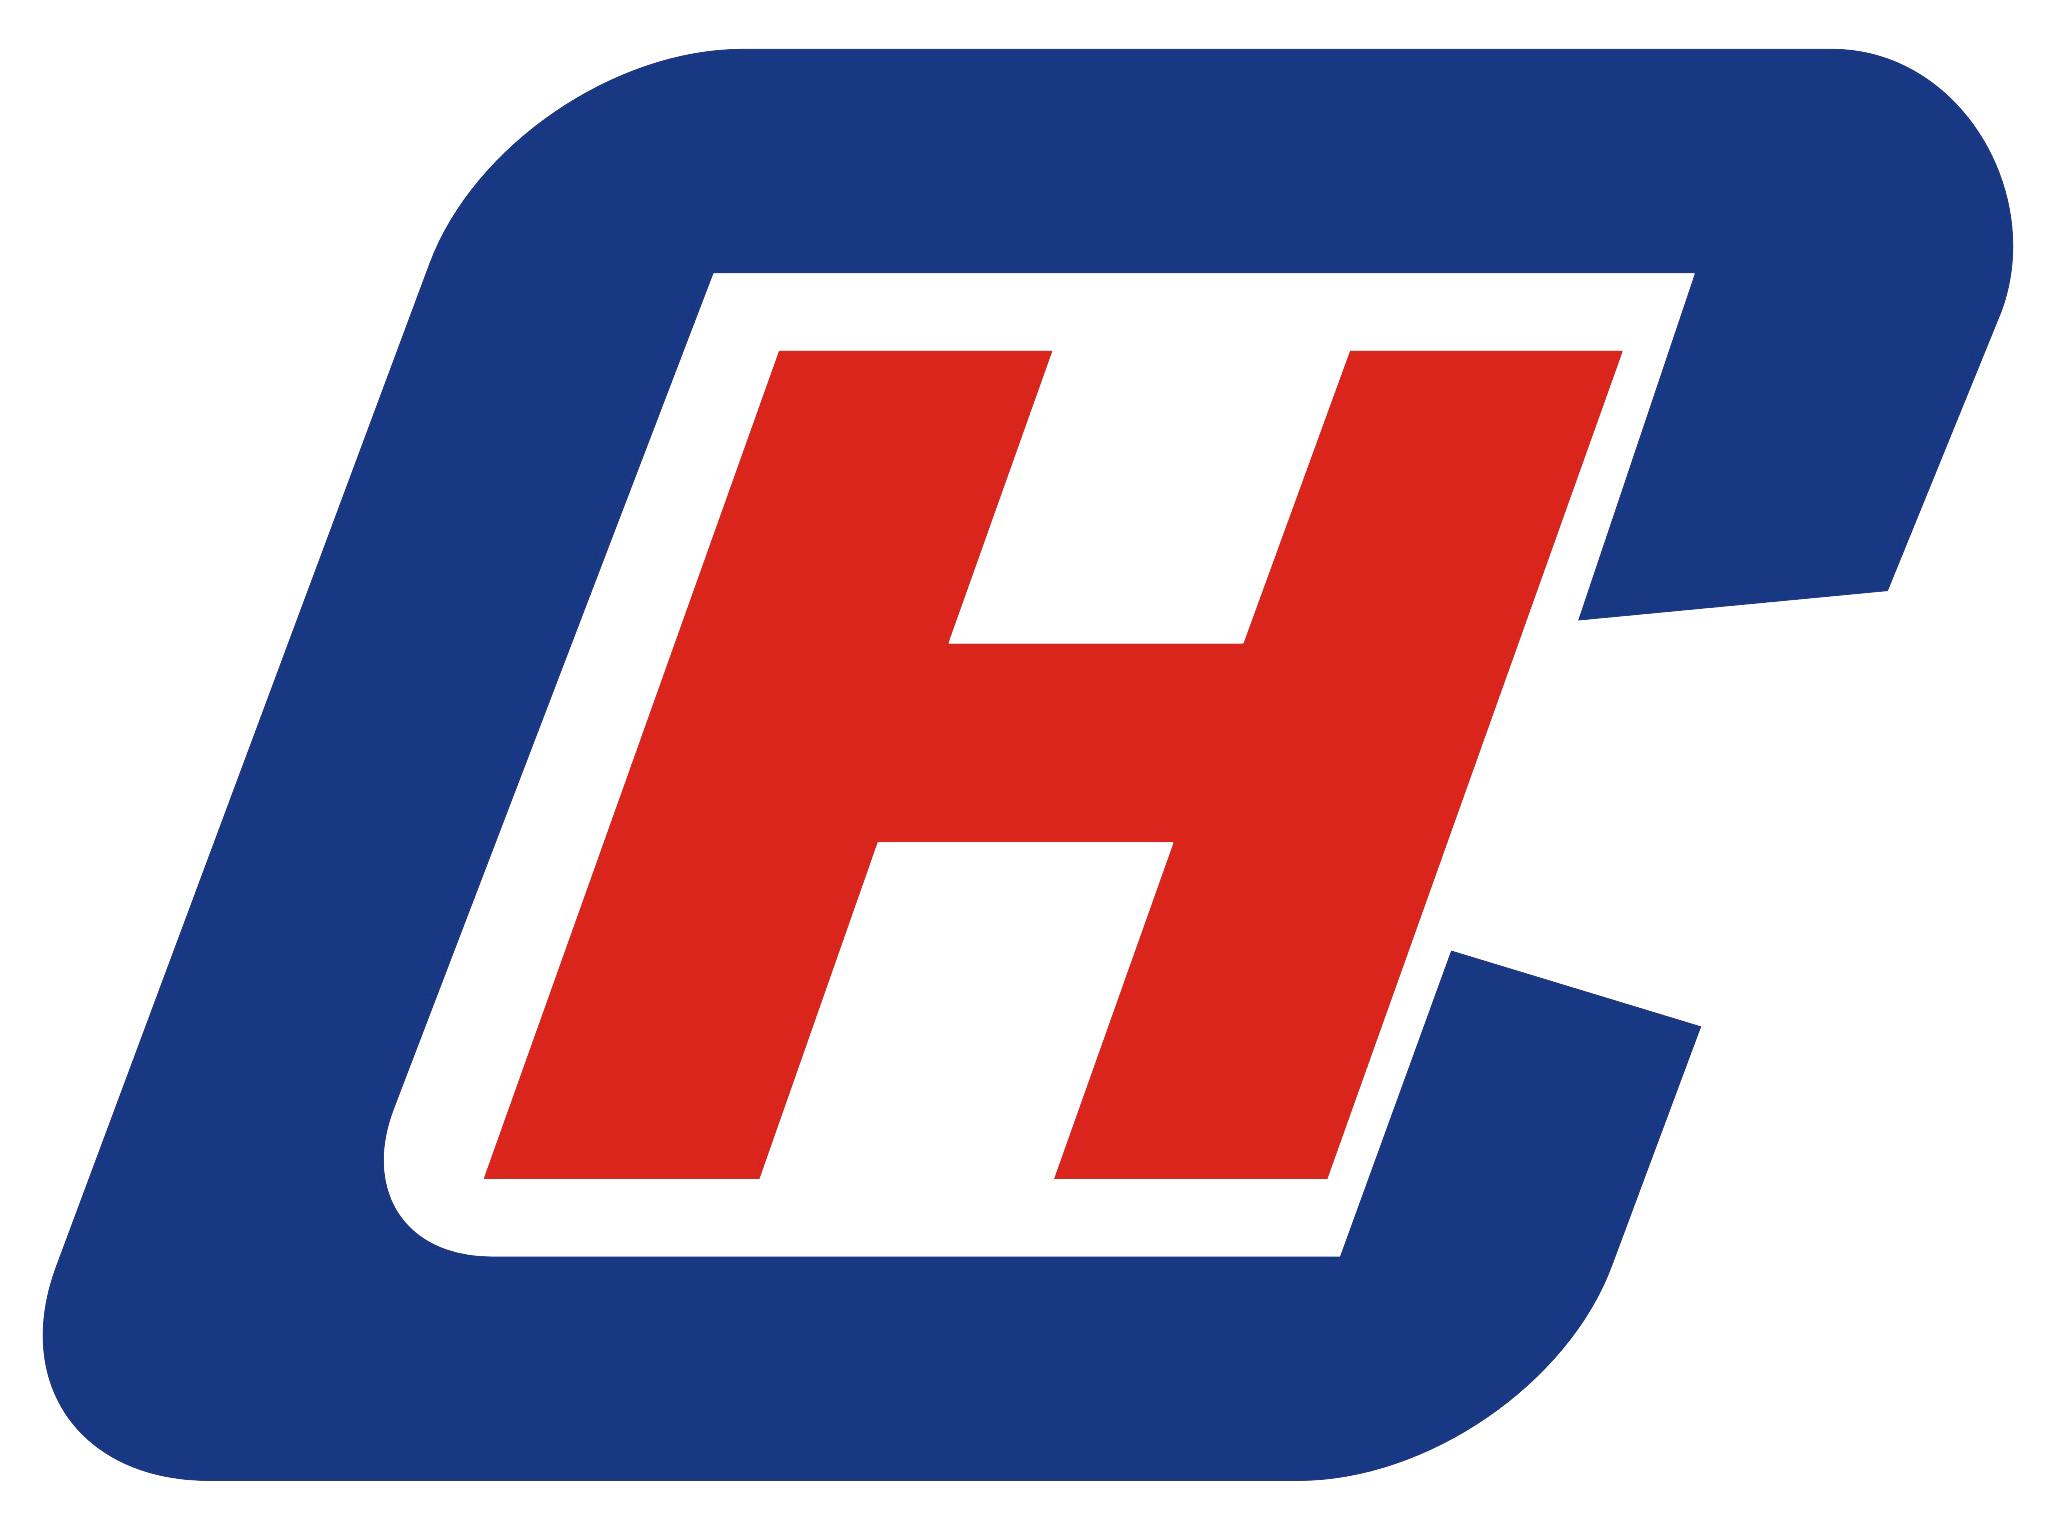 logo 标识 标志 设计 矢量 矢量图 素材 图标 2058_1527